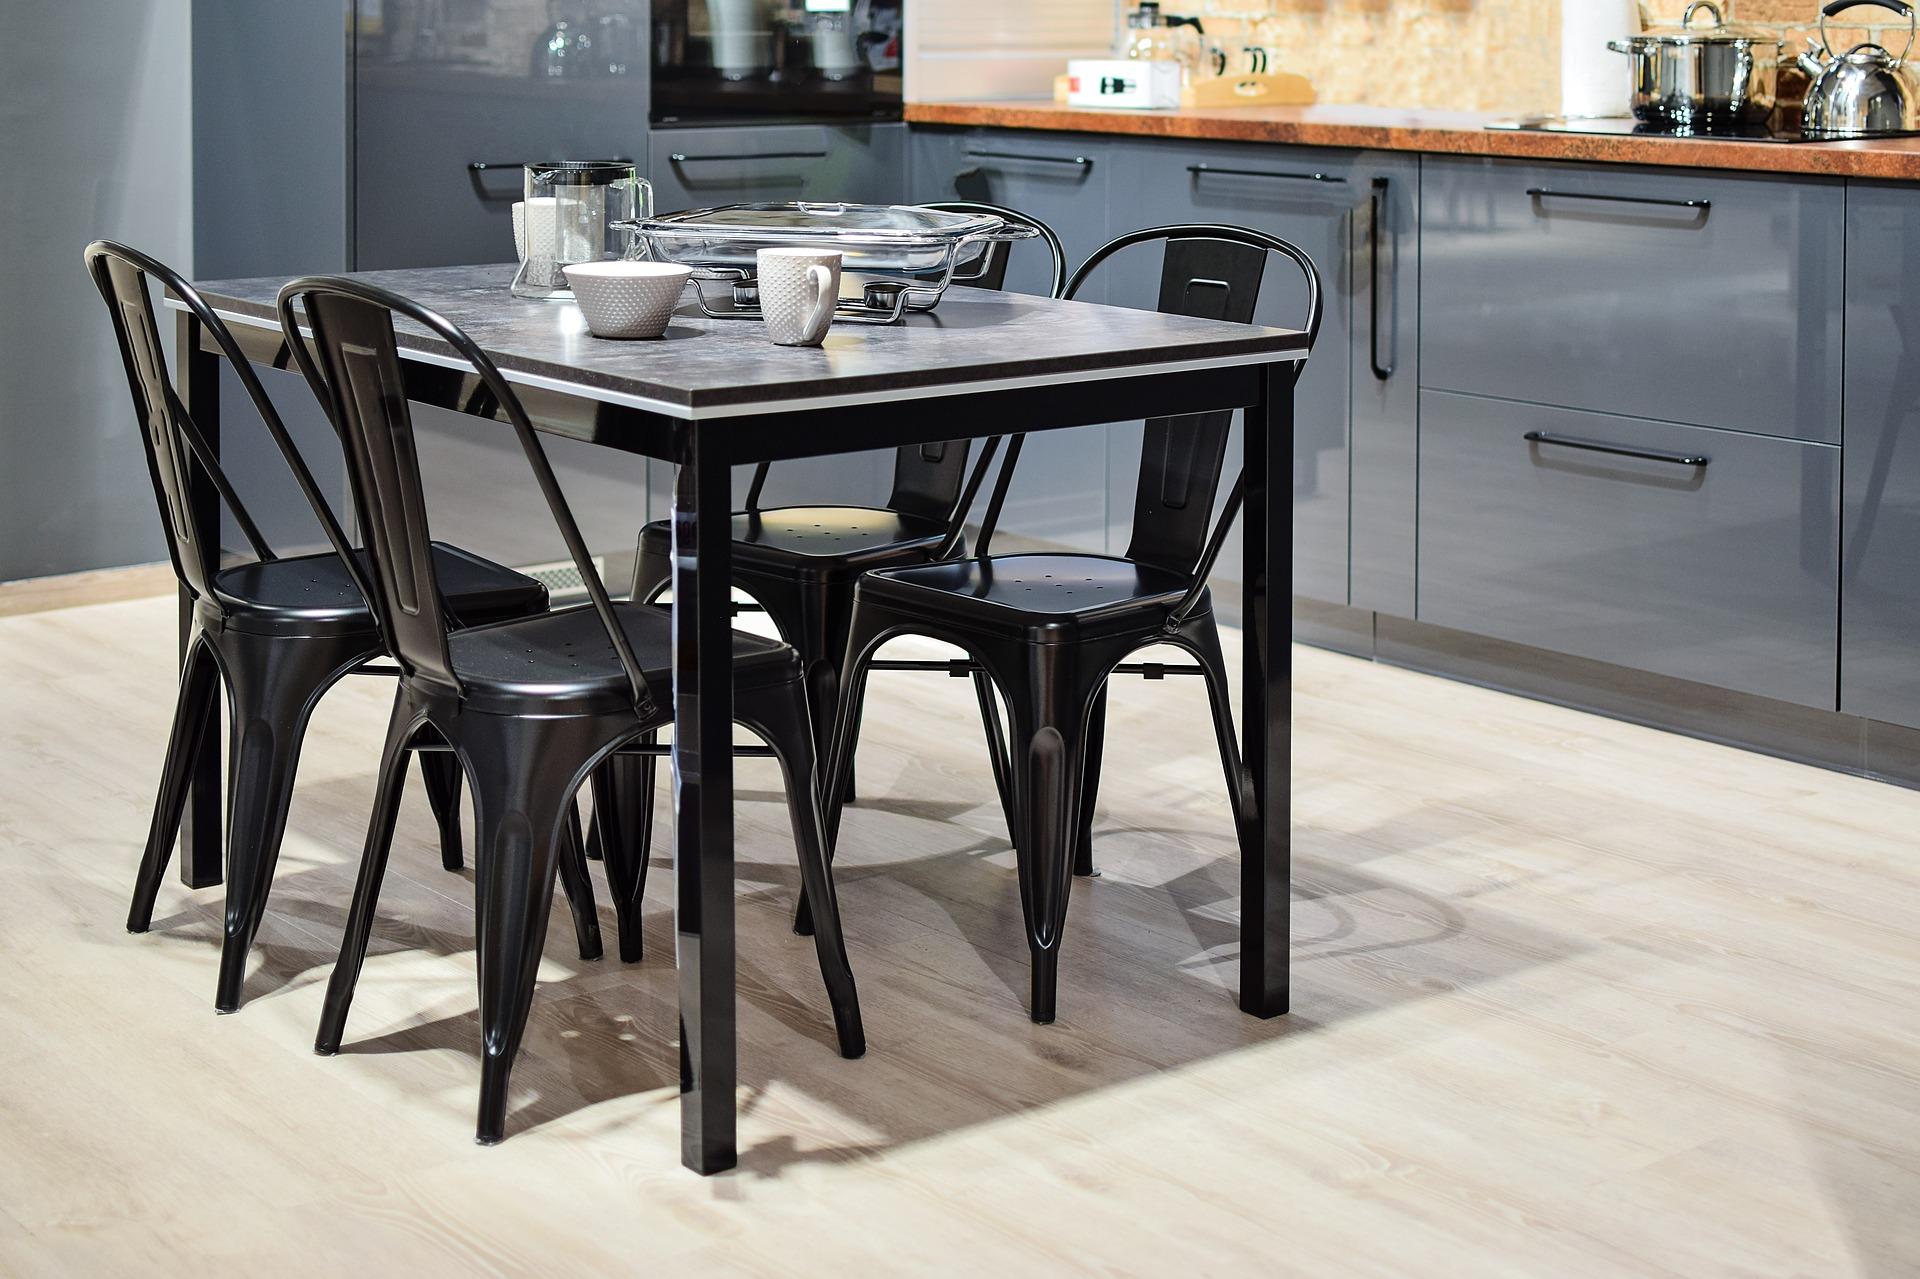 Rinnovare Sedie In Plastica.Scegli Le Sedie Perfette Per La Tua Cucina Linea Esse